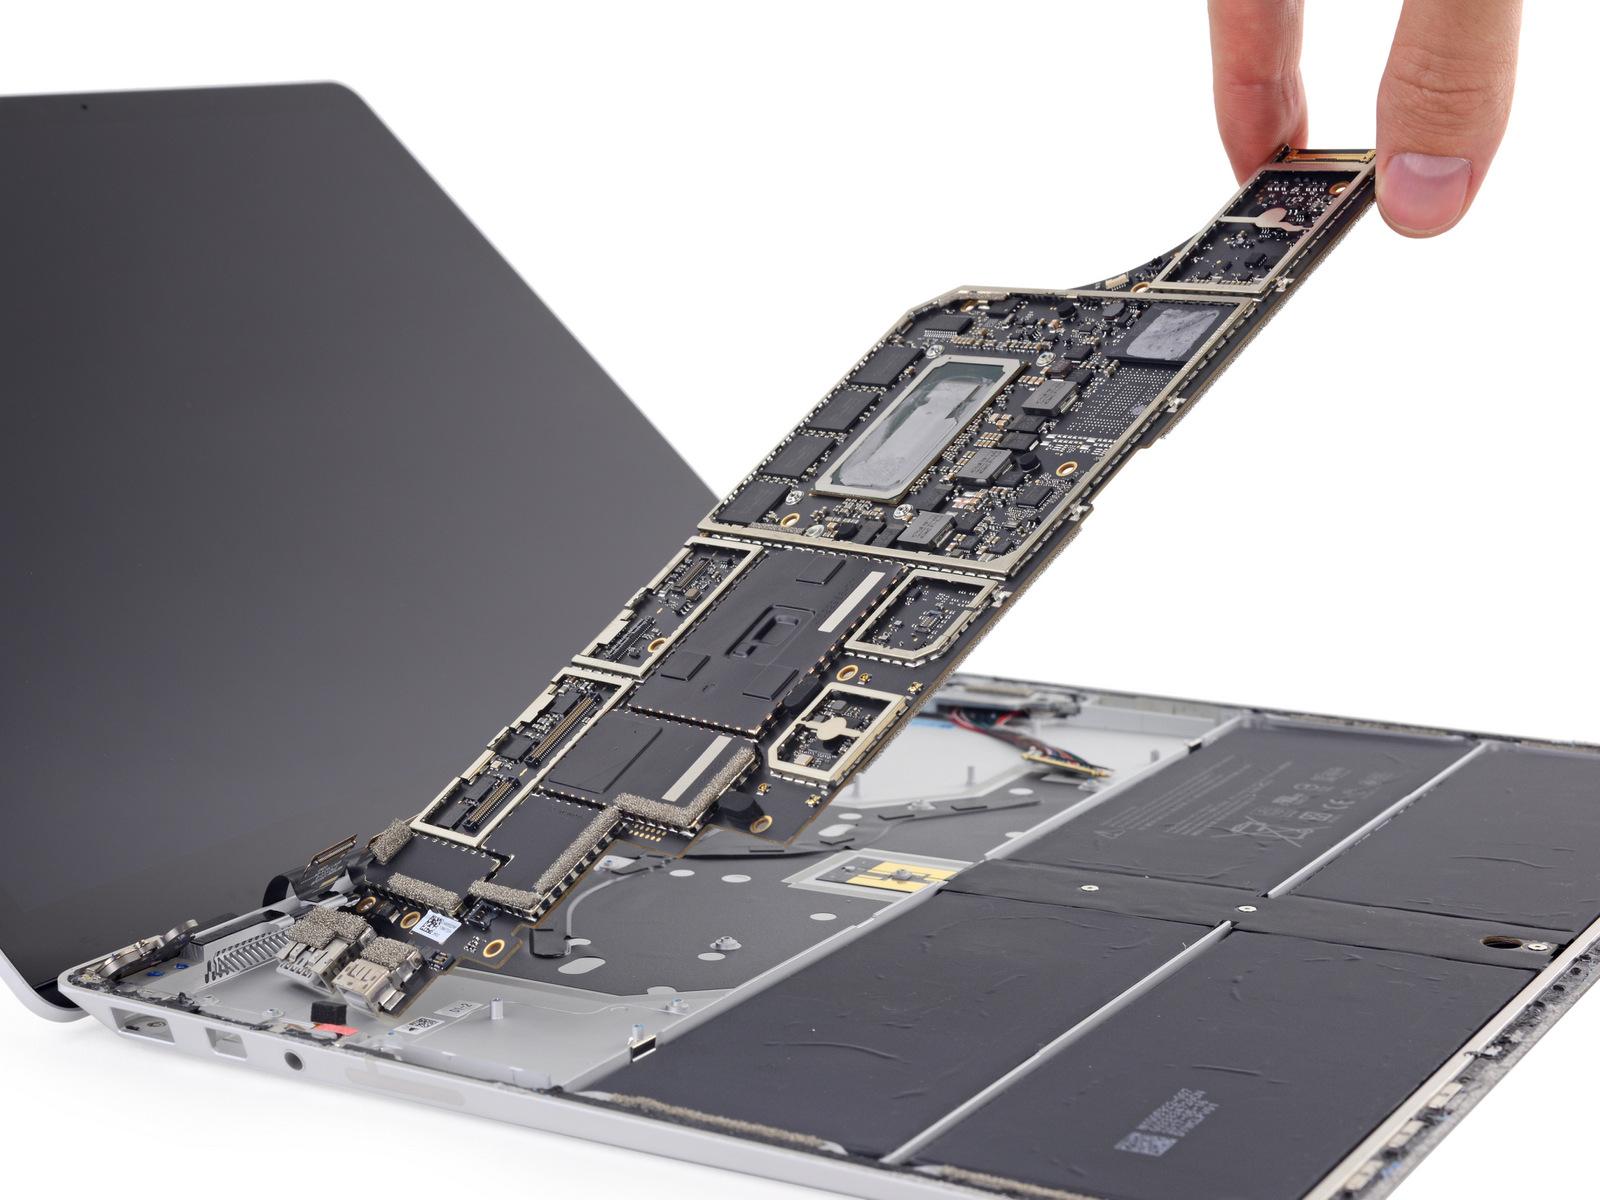 Microsoft Surface Laptop: chỉ có phá mới mở được máy, 0 điểm iFixit